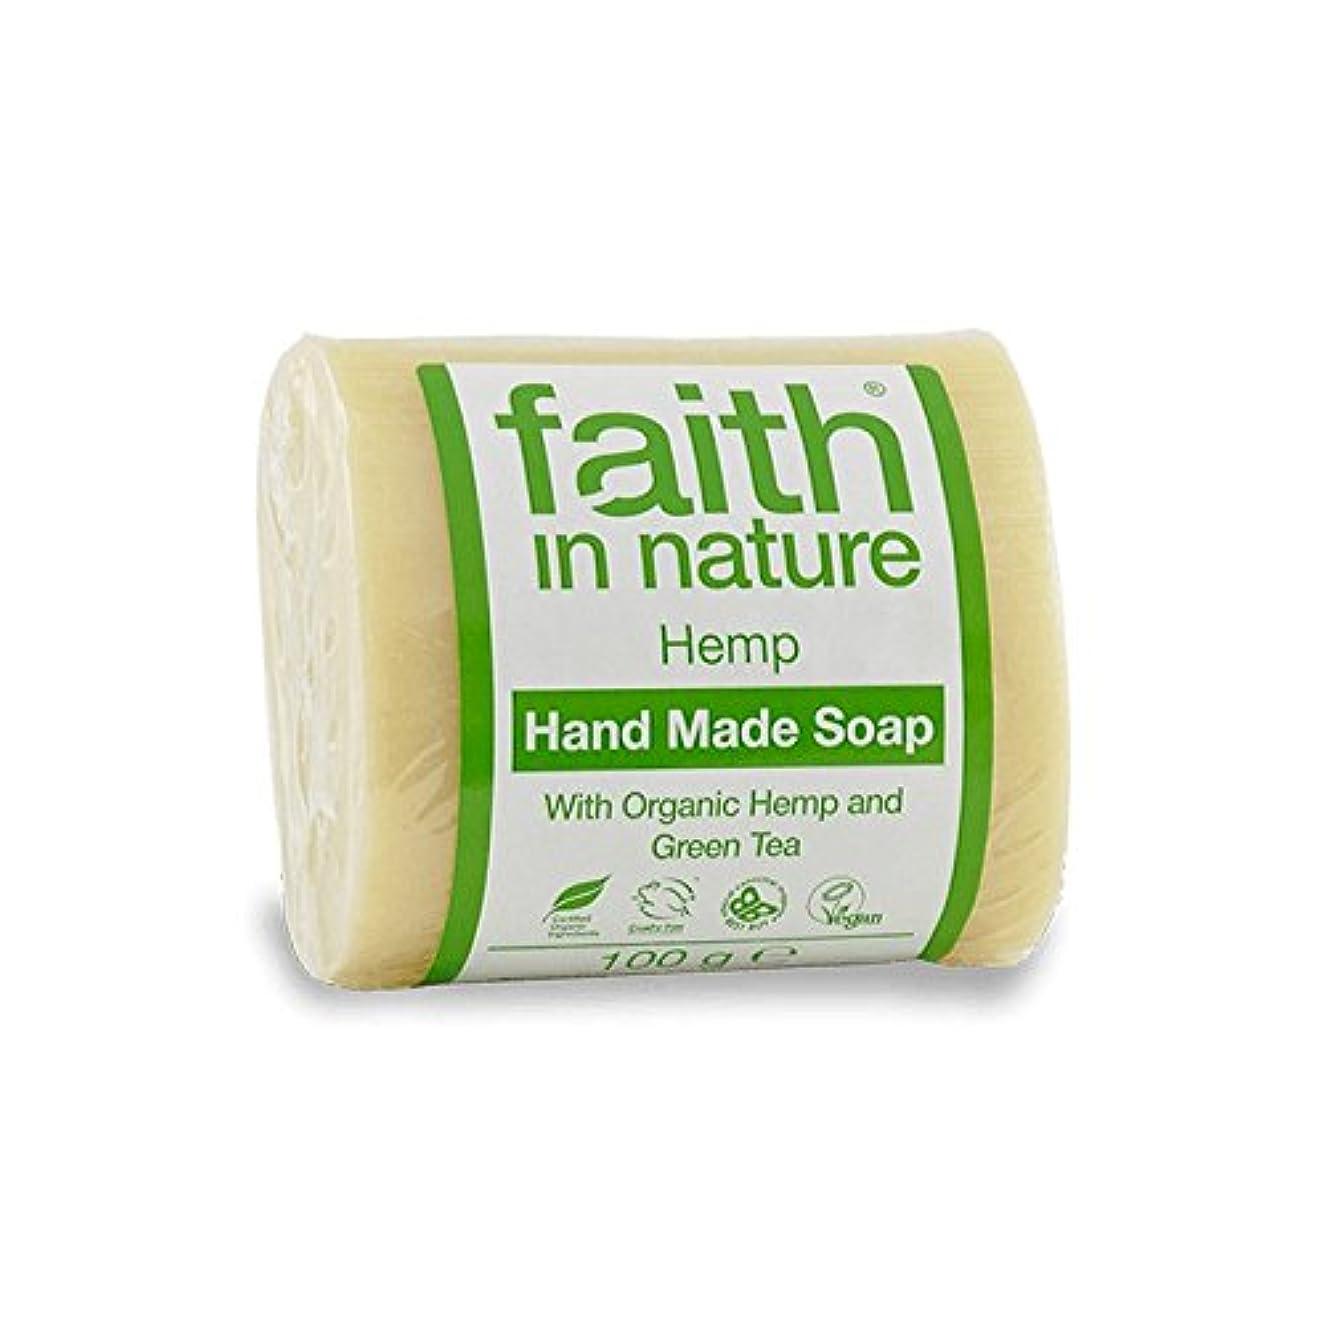 悲惨な桃誓いFaith in Nature Hemp with Green Tea Soap 100g (Pack of 2) - 緑茶石鹸100グラムと自然の麻の信仰 (x2) [並行輸入品]